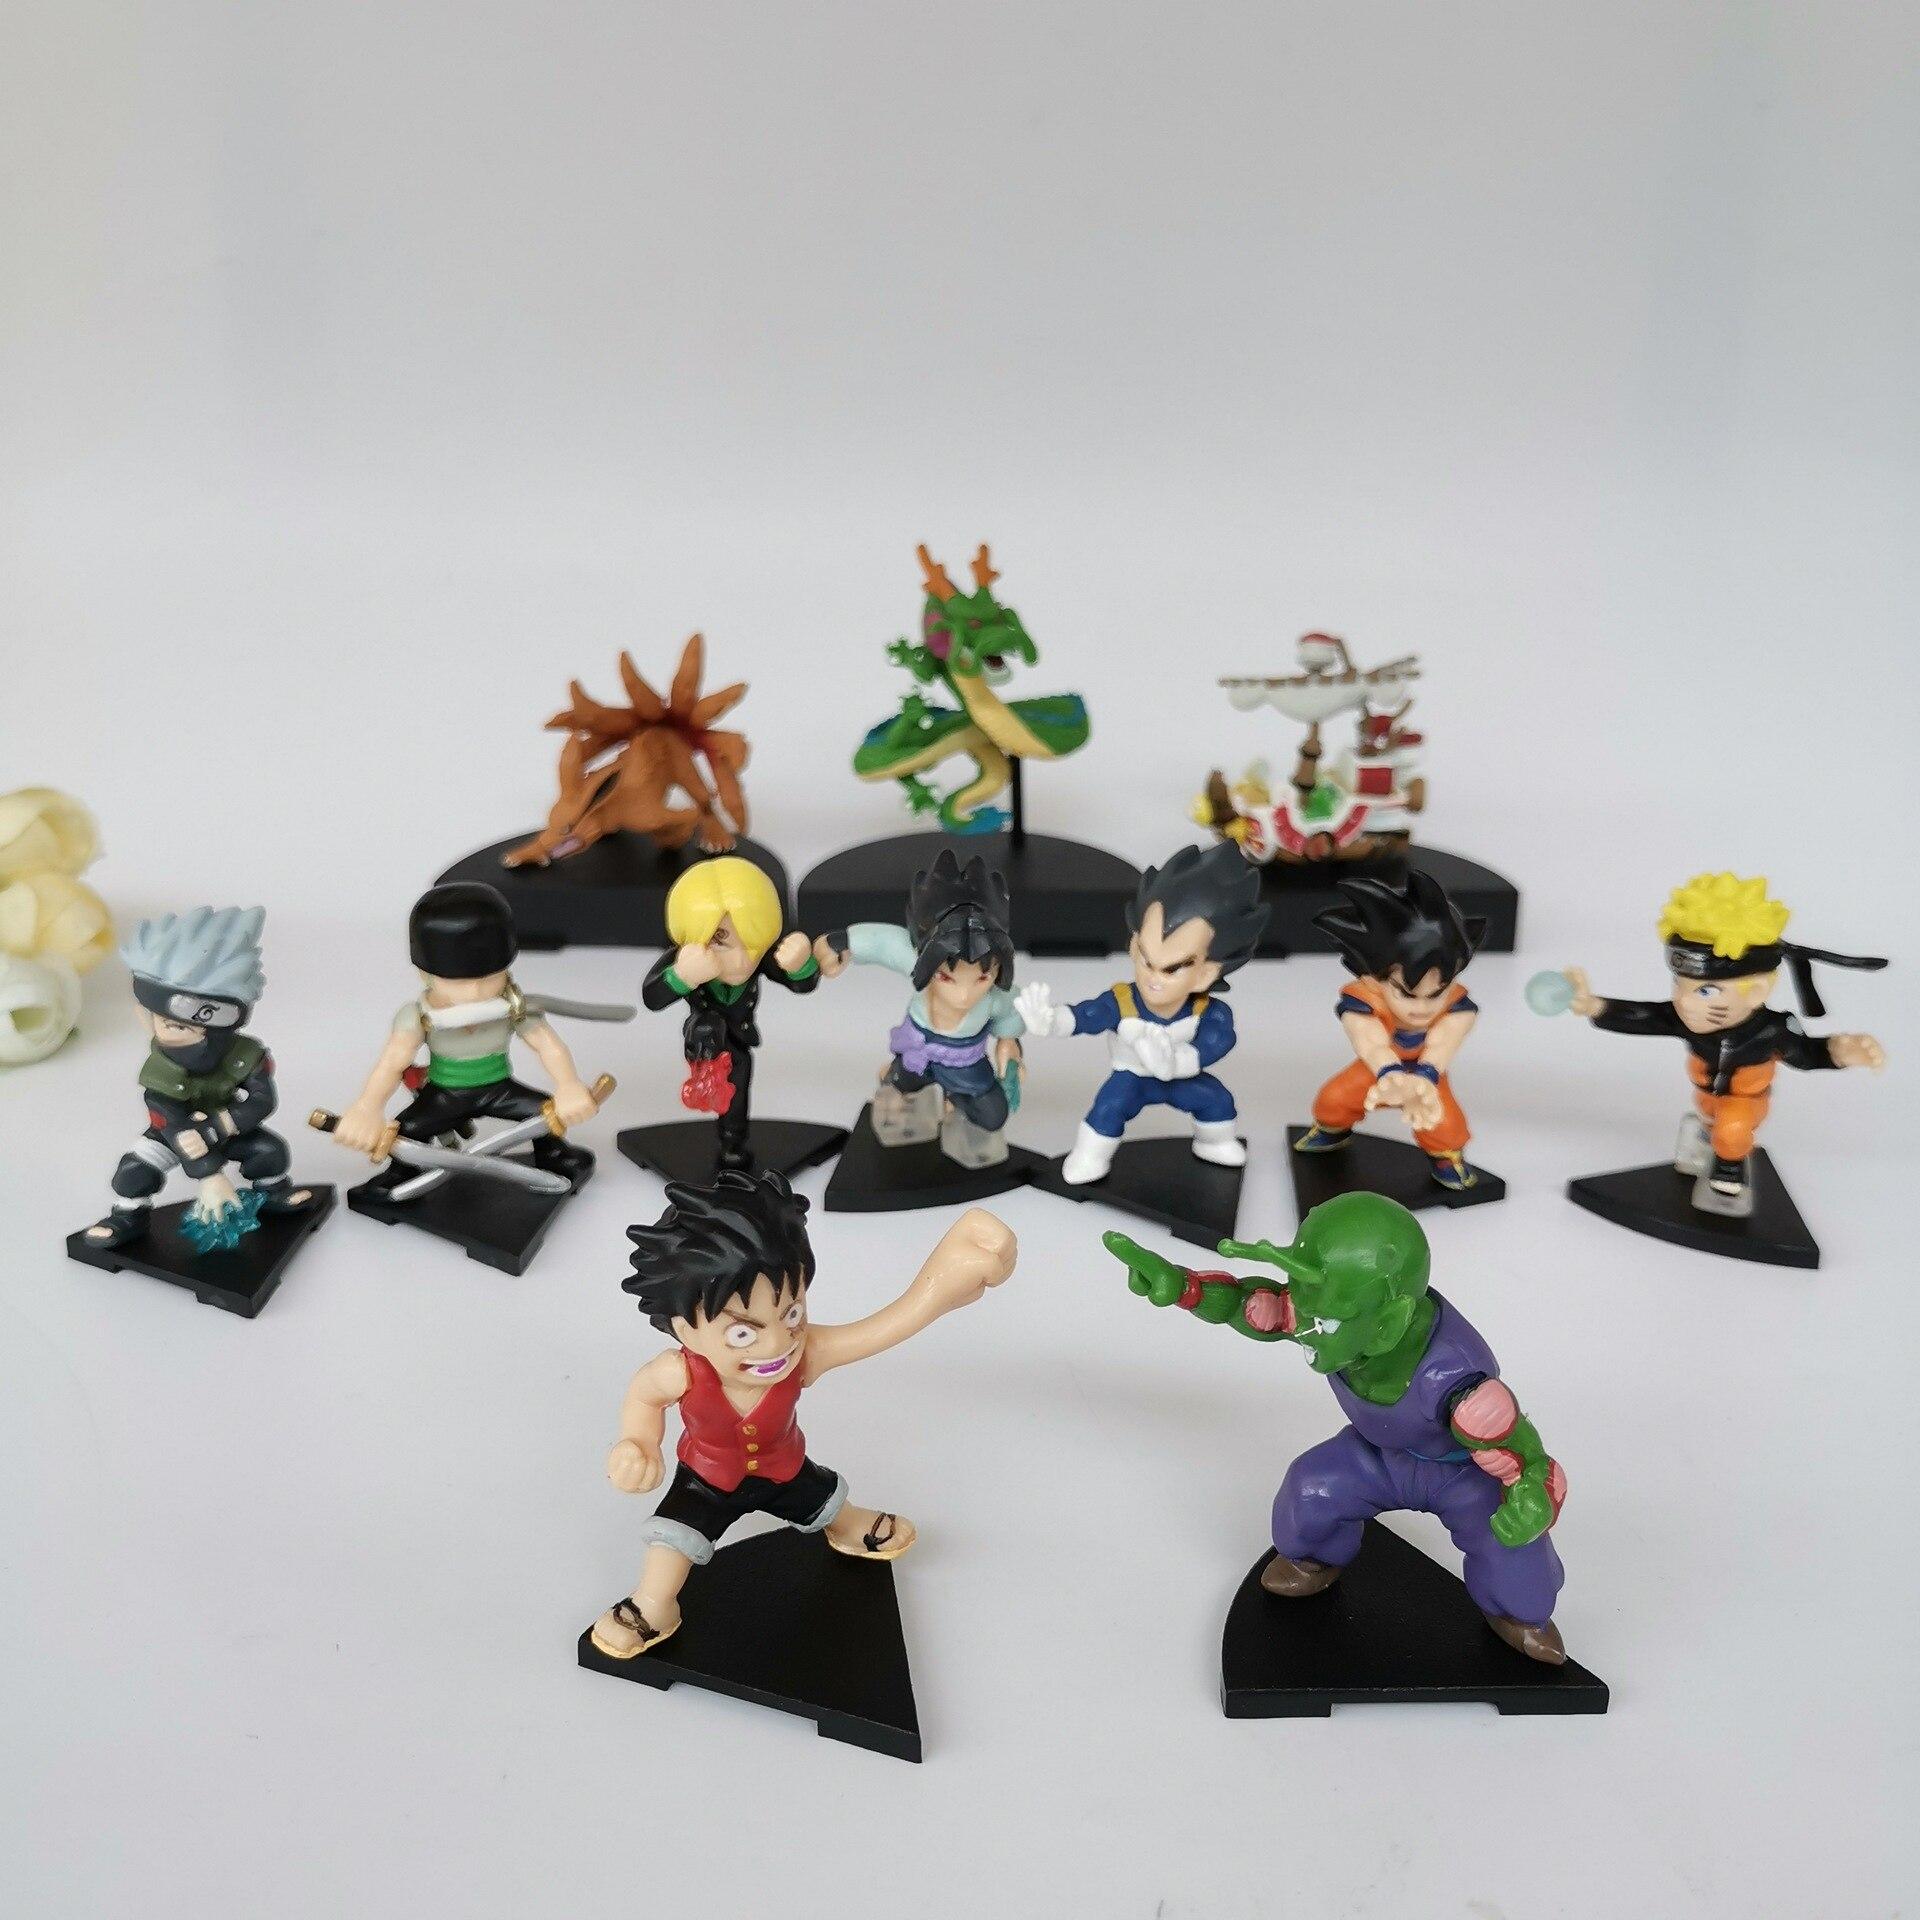 12 unids/lote Bola de Dragón Z NARUTO una pieza Super Saiyan Dios figura de acción Son juguetes modelo